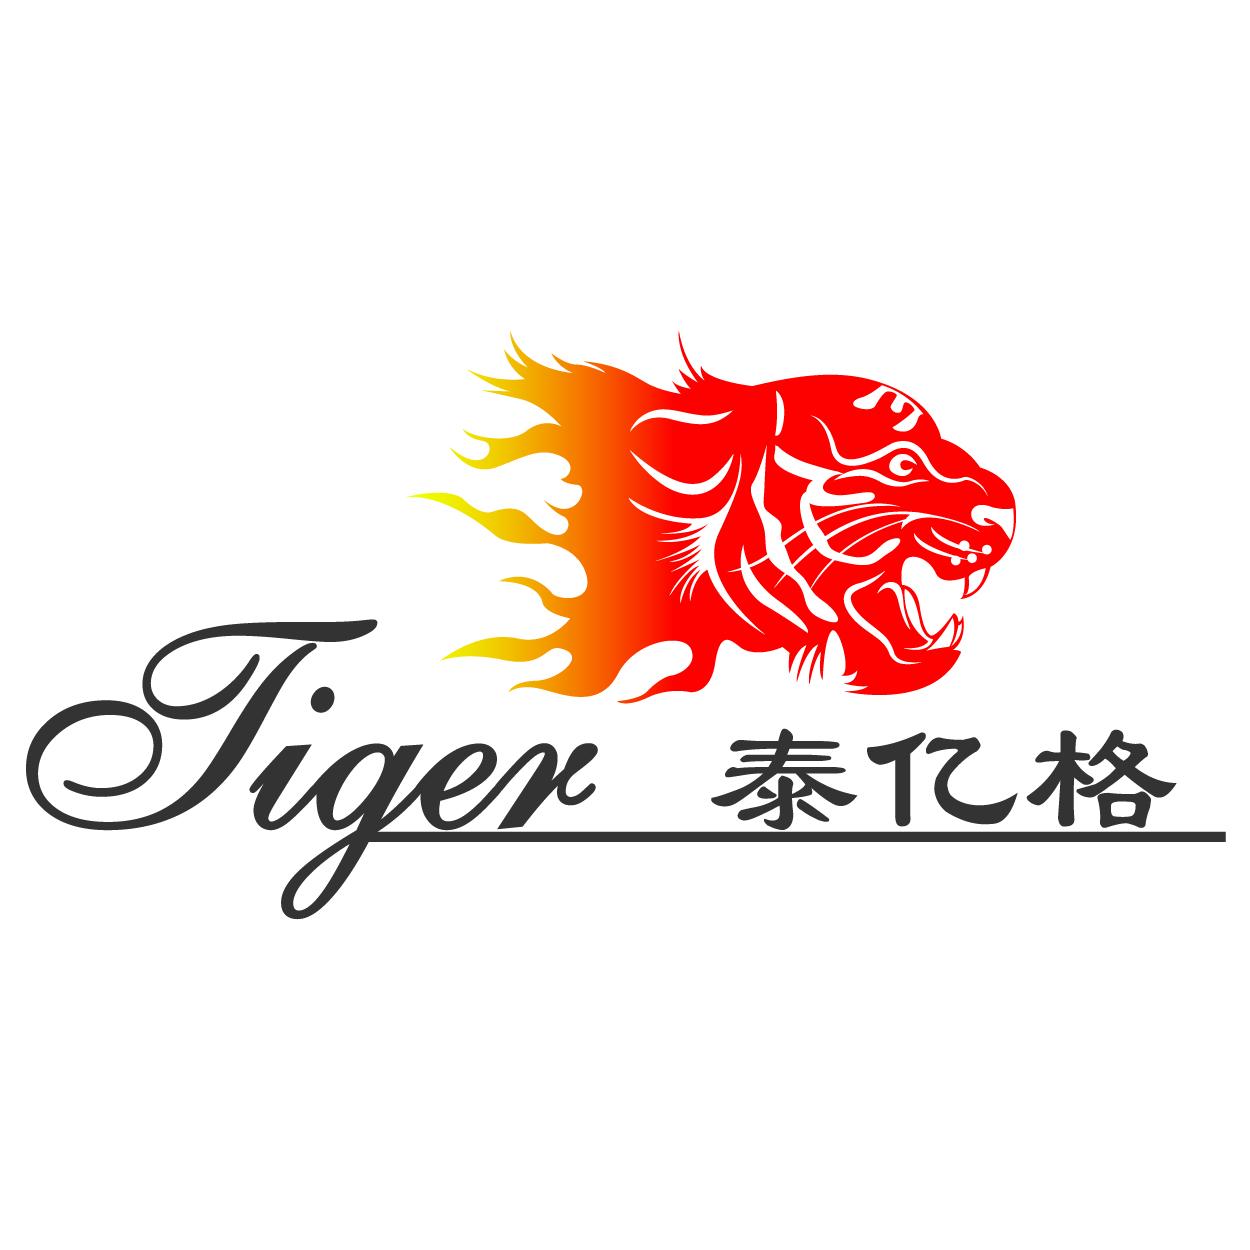 上海泰亿格雷火官网医疗科技股份有限公司